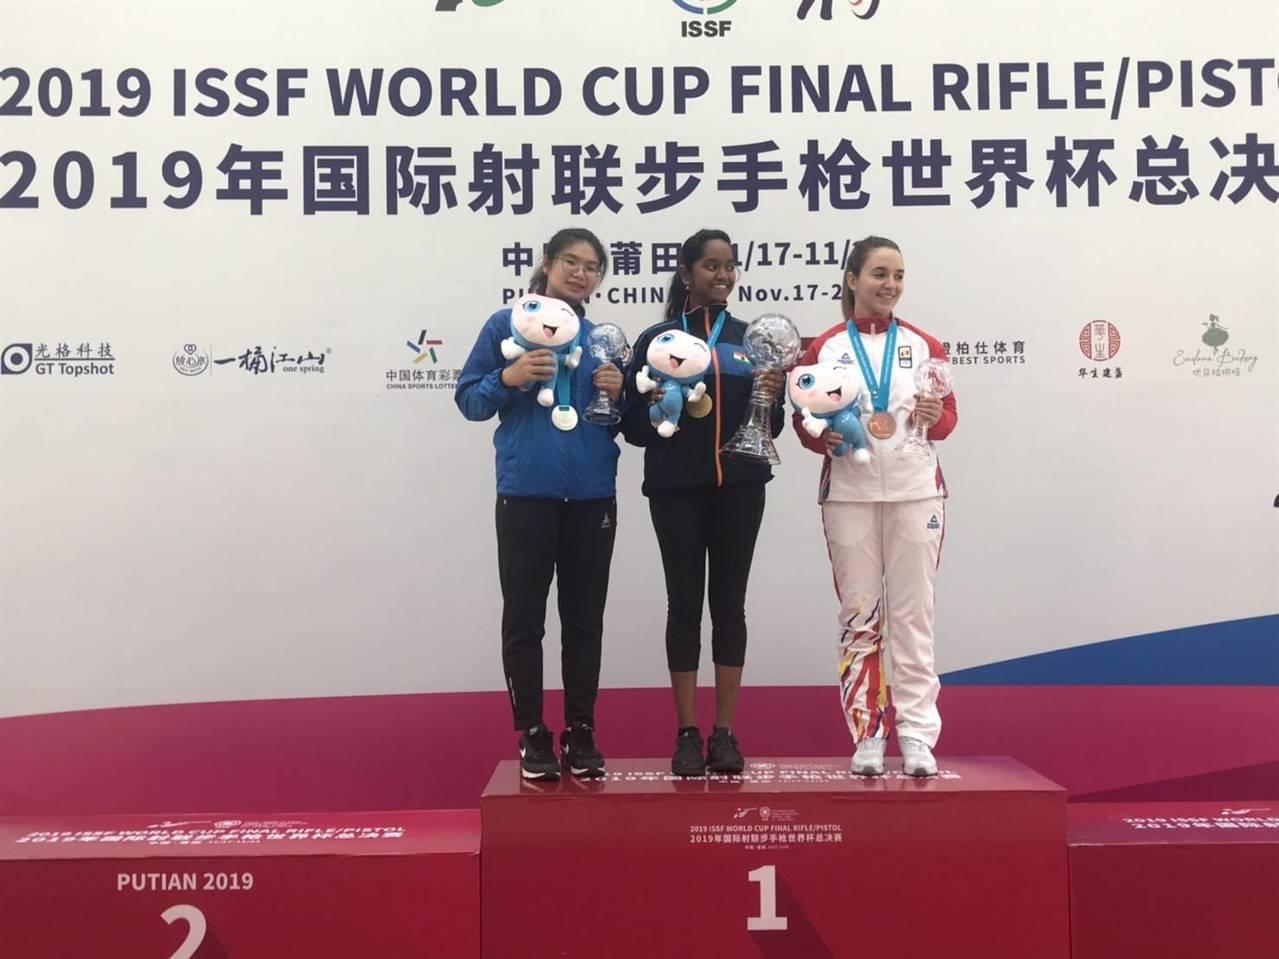 林穎欣在世界盃年終總決賽女子10公尺空氣步槍射下銀牌。圖/中華民國射擊協會提供